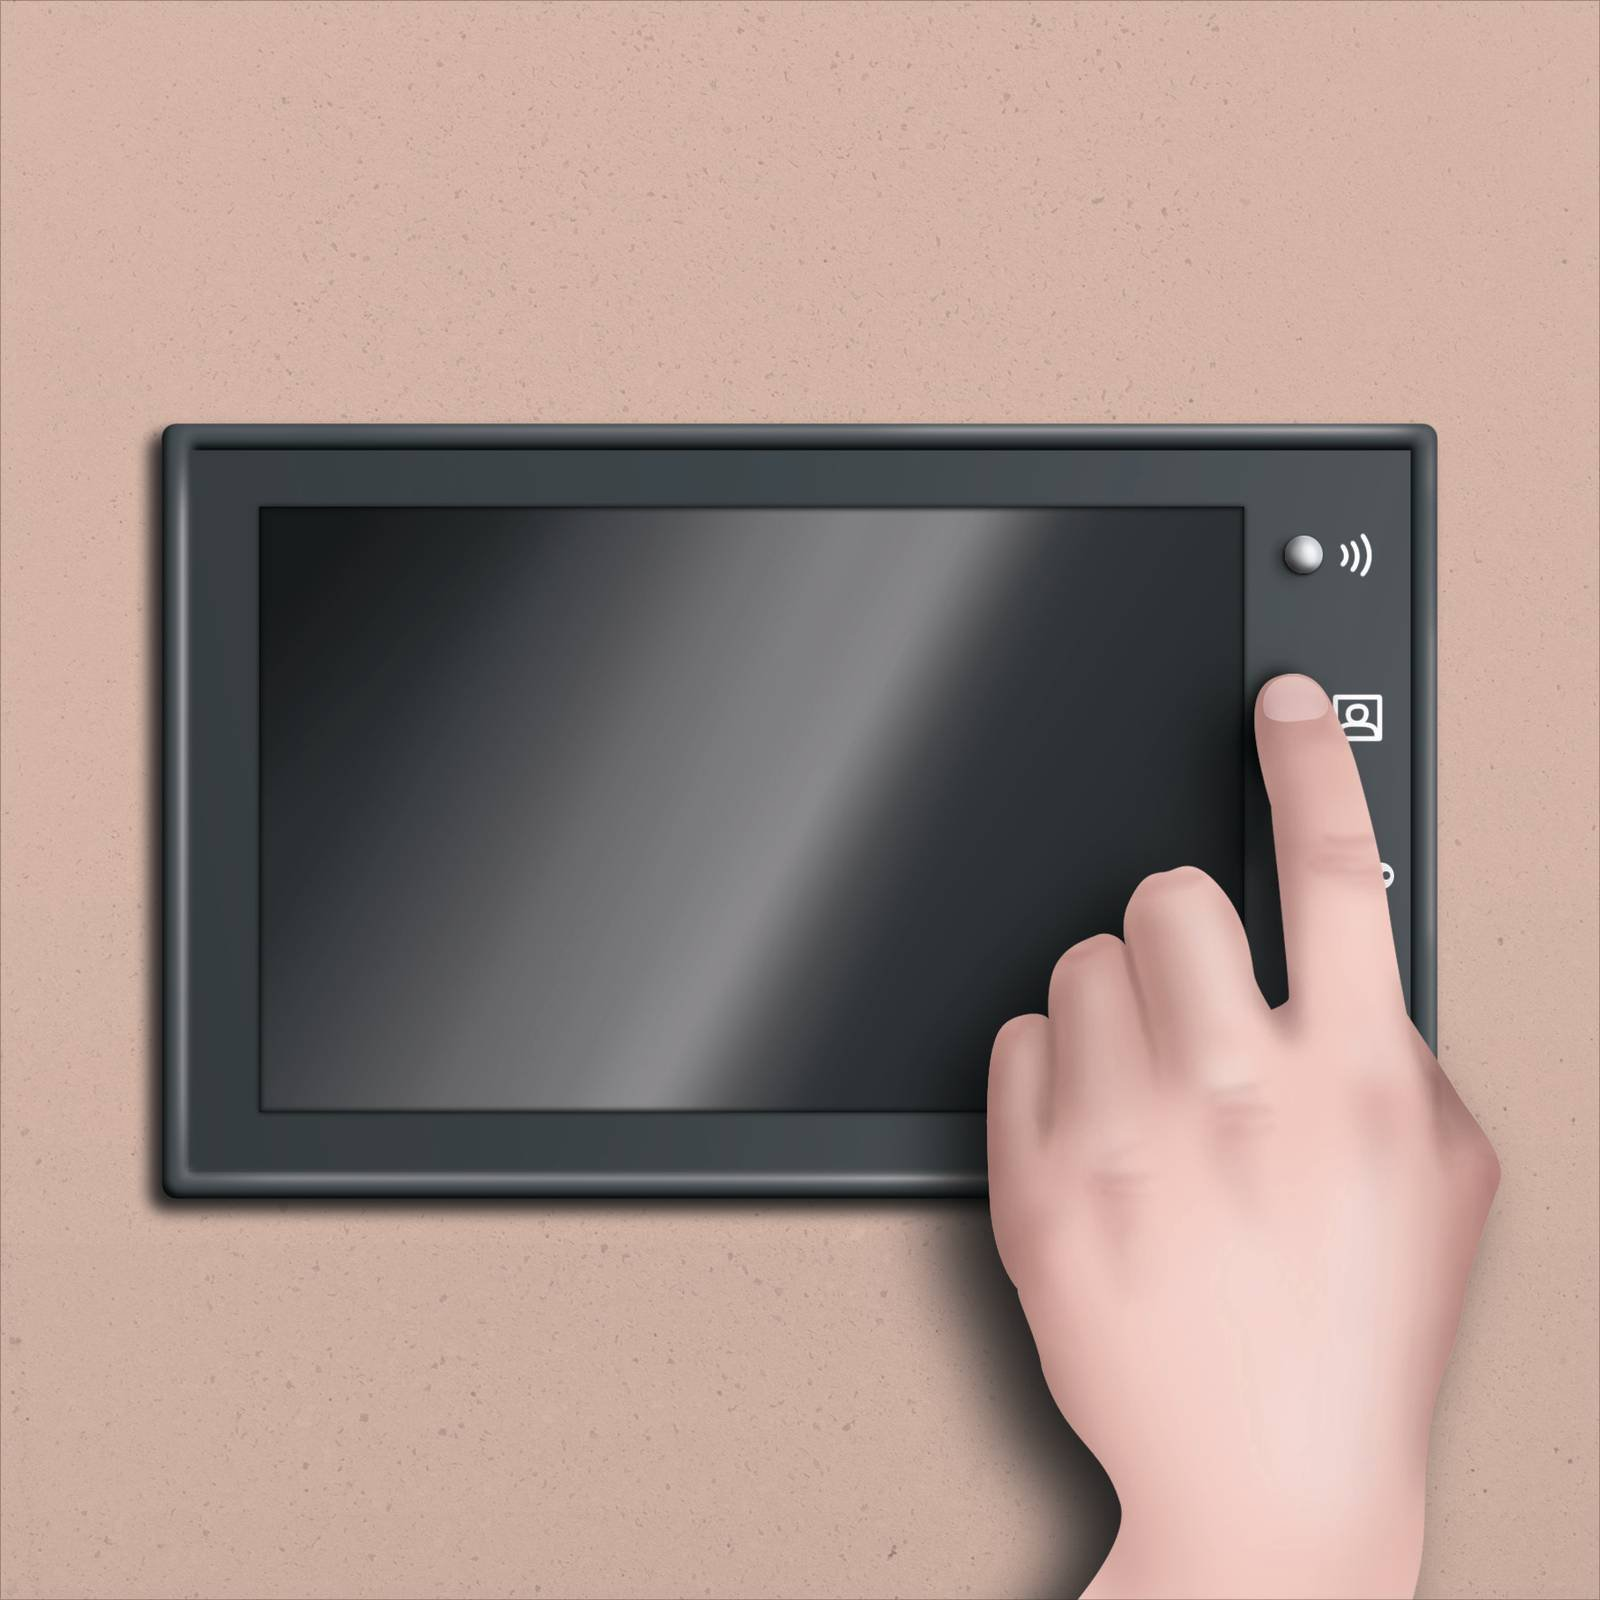 Installare Il Videocitofono Come Ultima Cosa, Verificare Le Altre Funzioni  Collegate, Come La Serratura